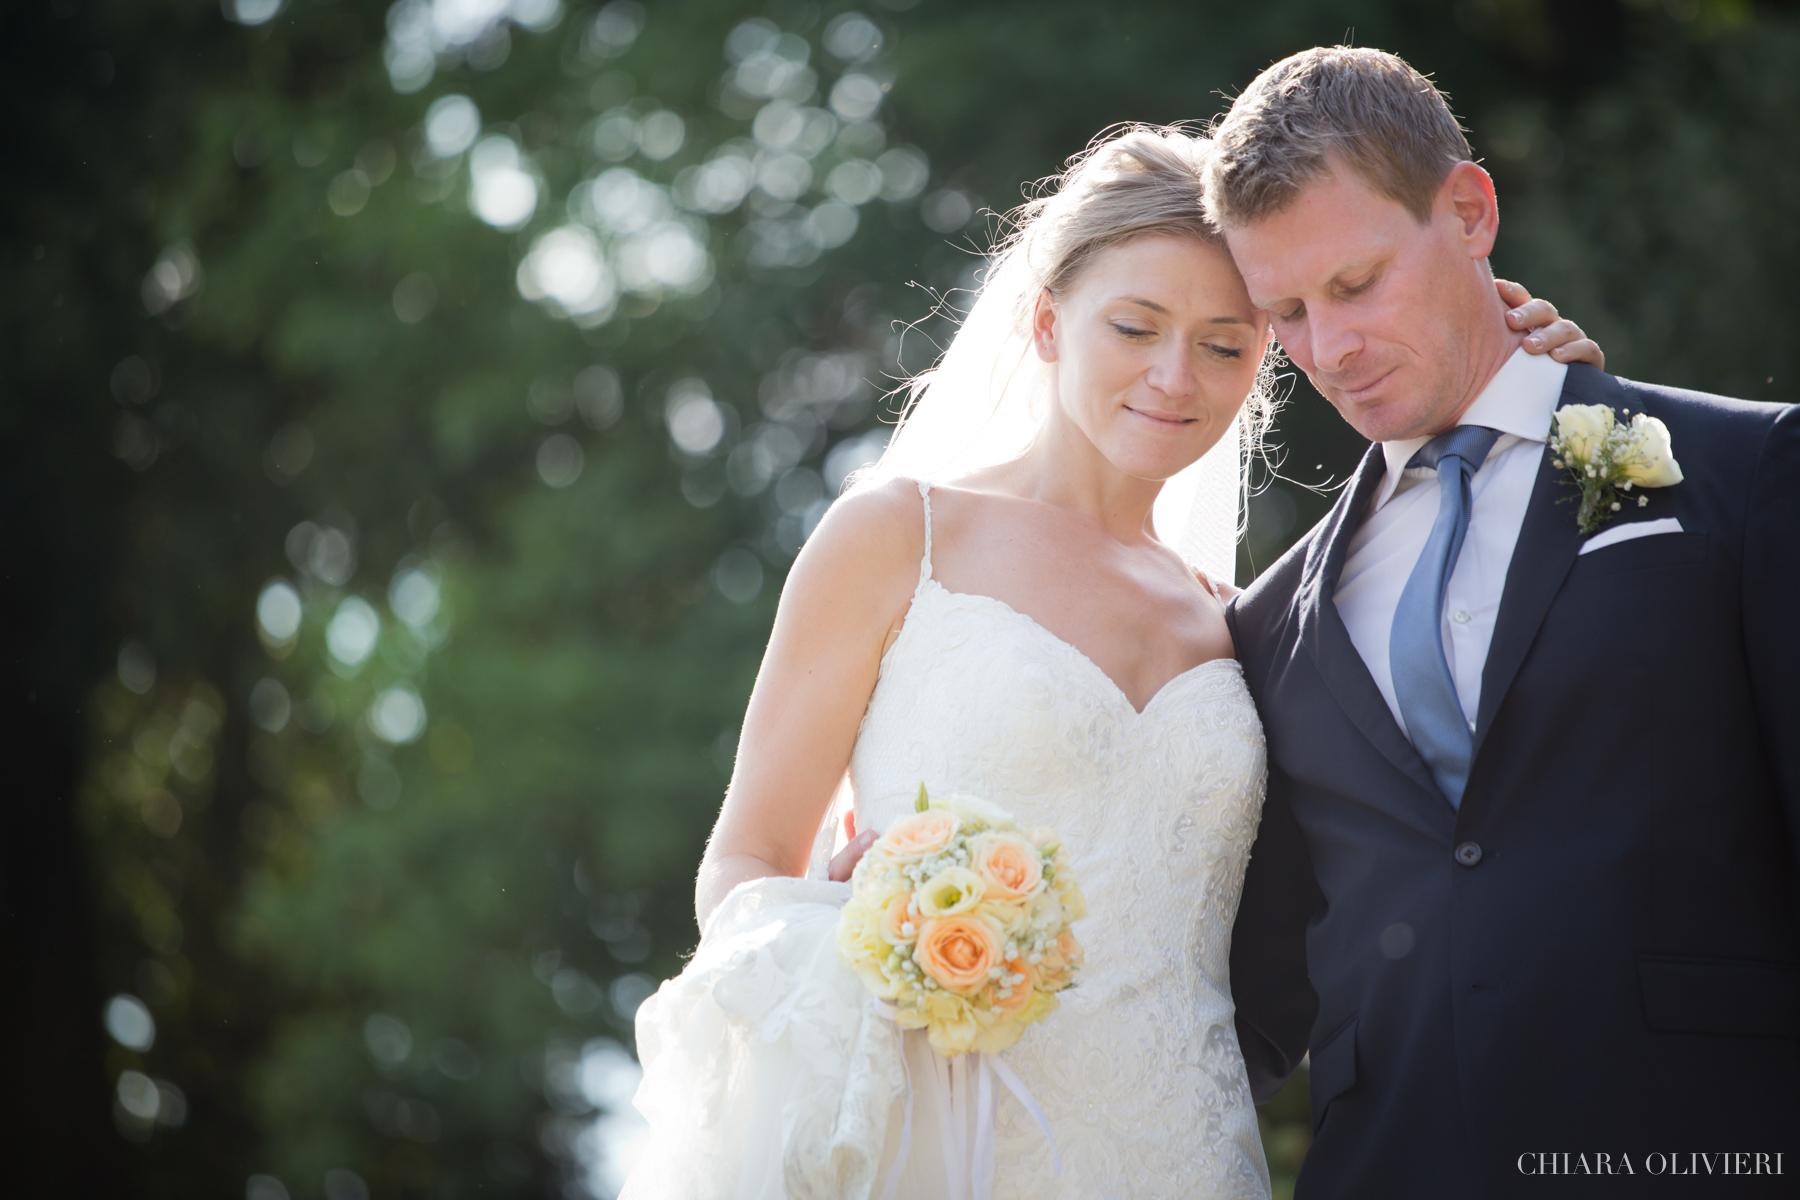 matrimonio-toscana-torredeilari-firenze-65